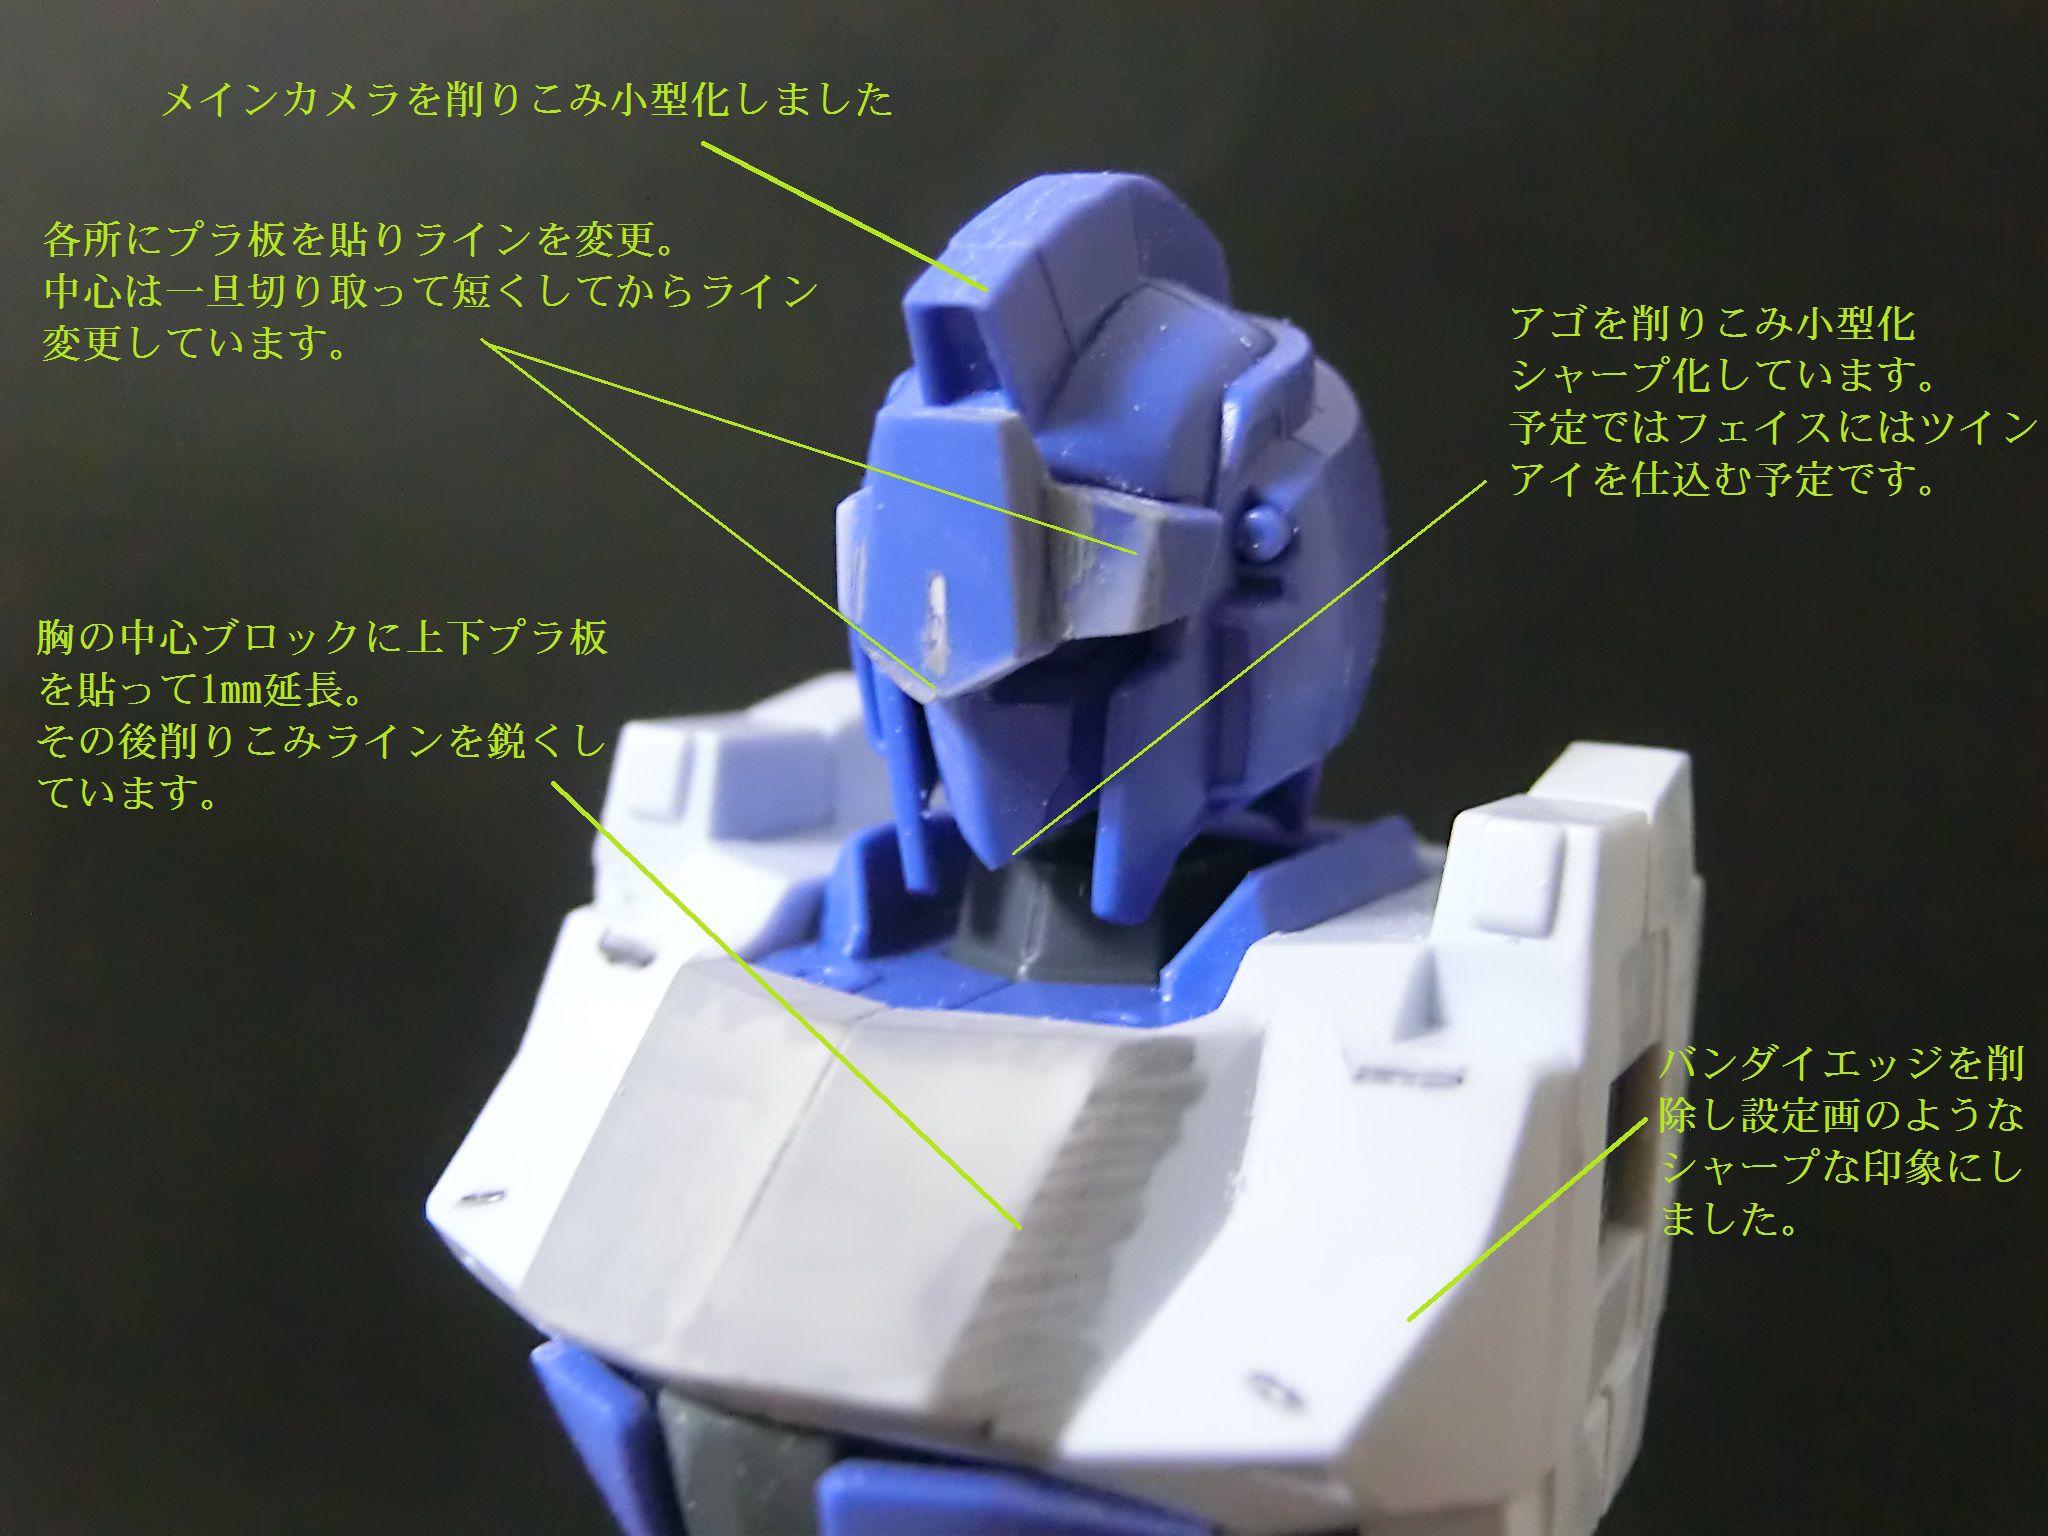 MG0382.jpg